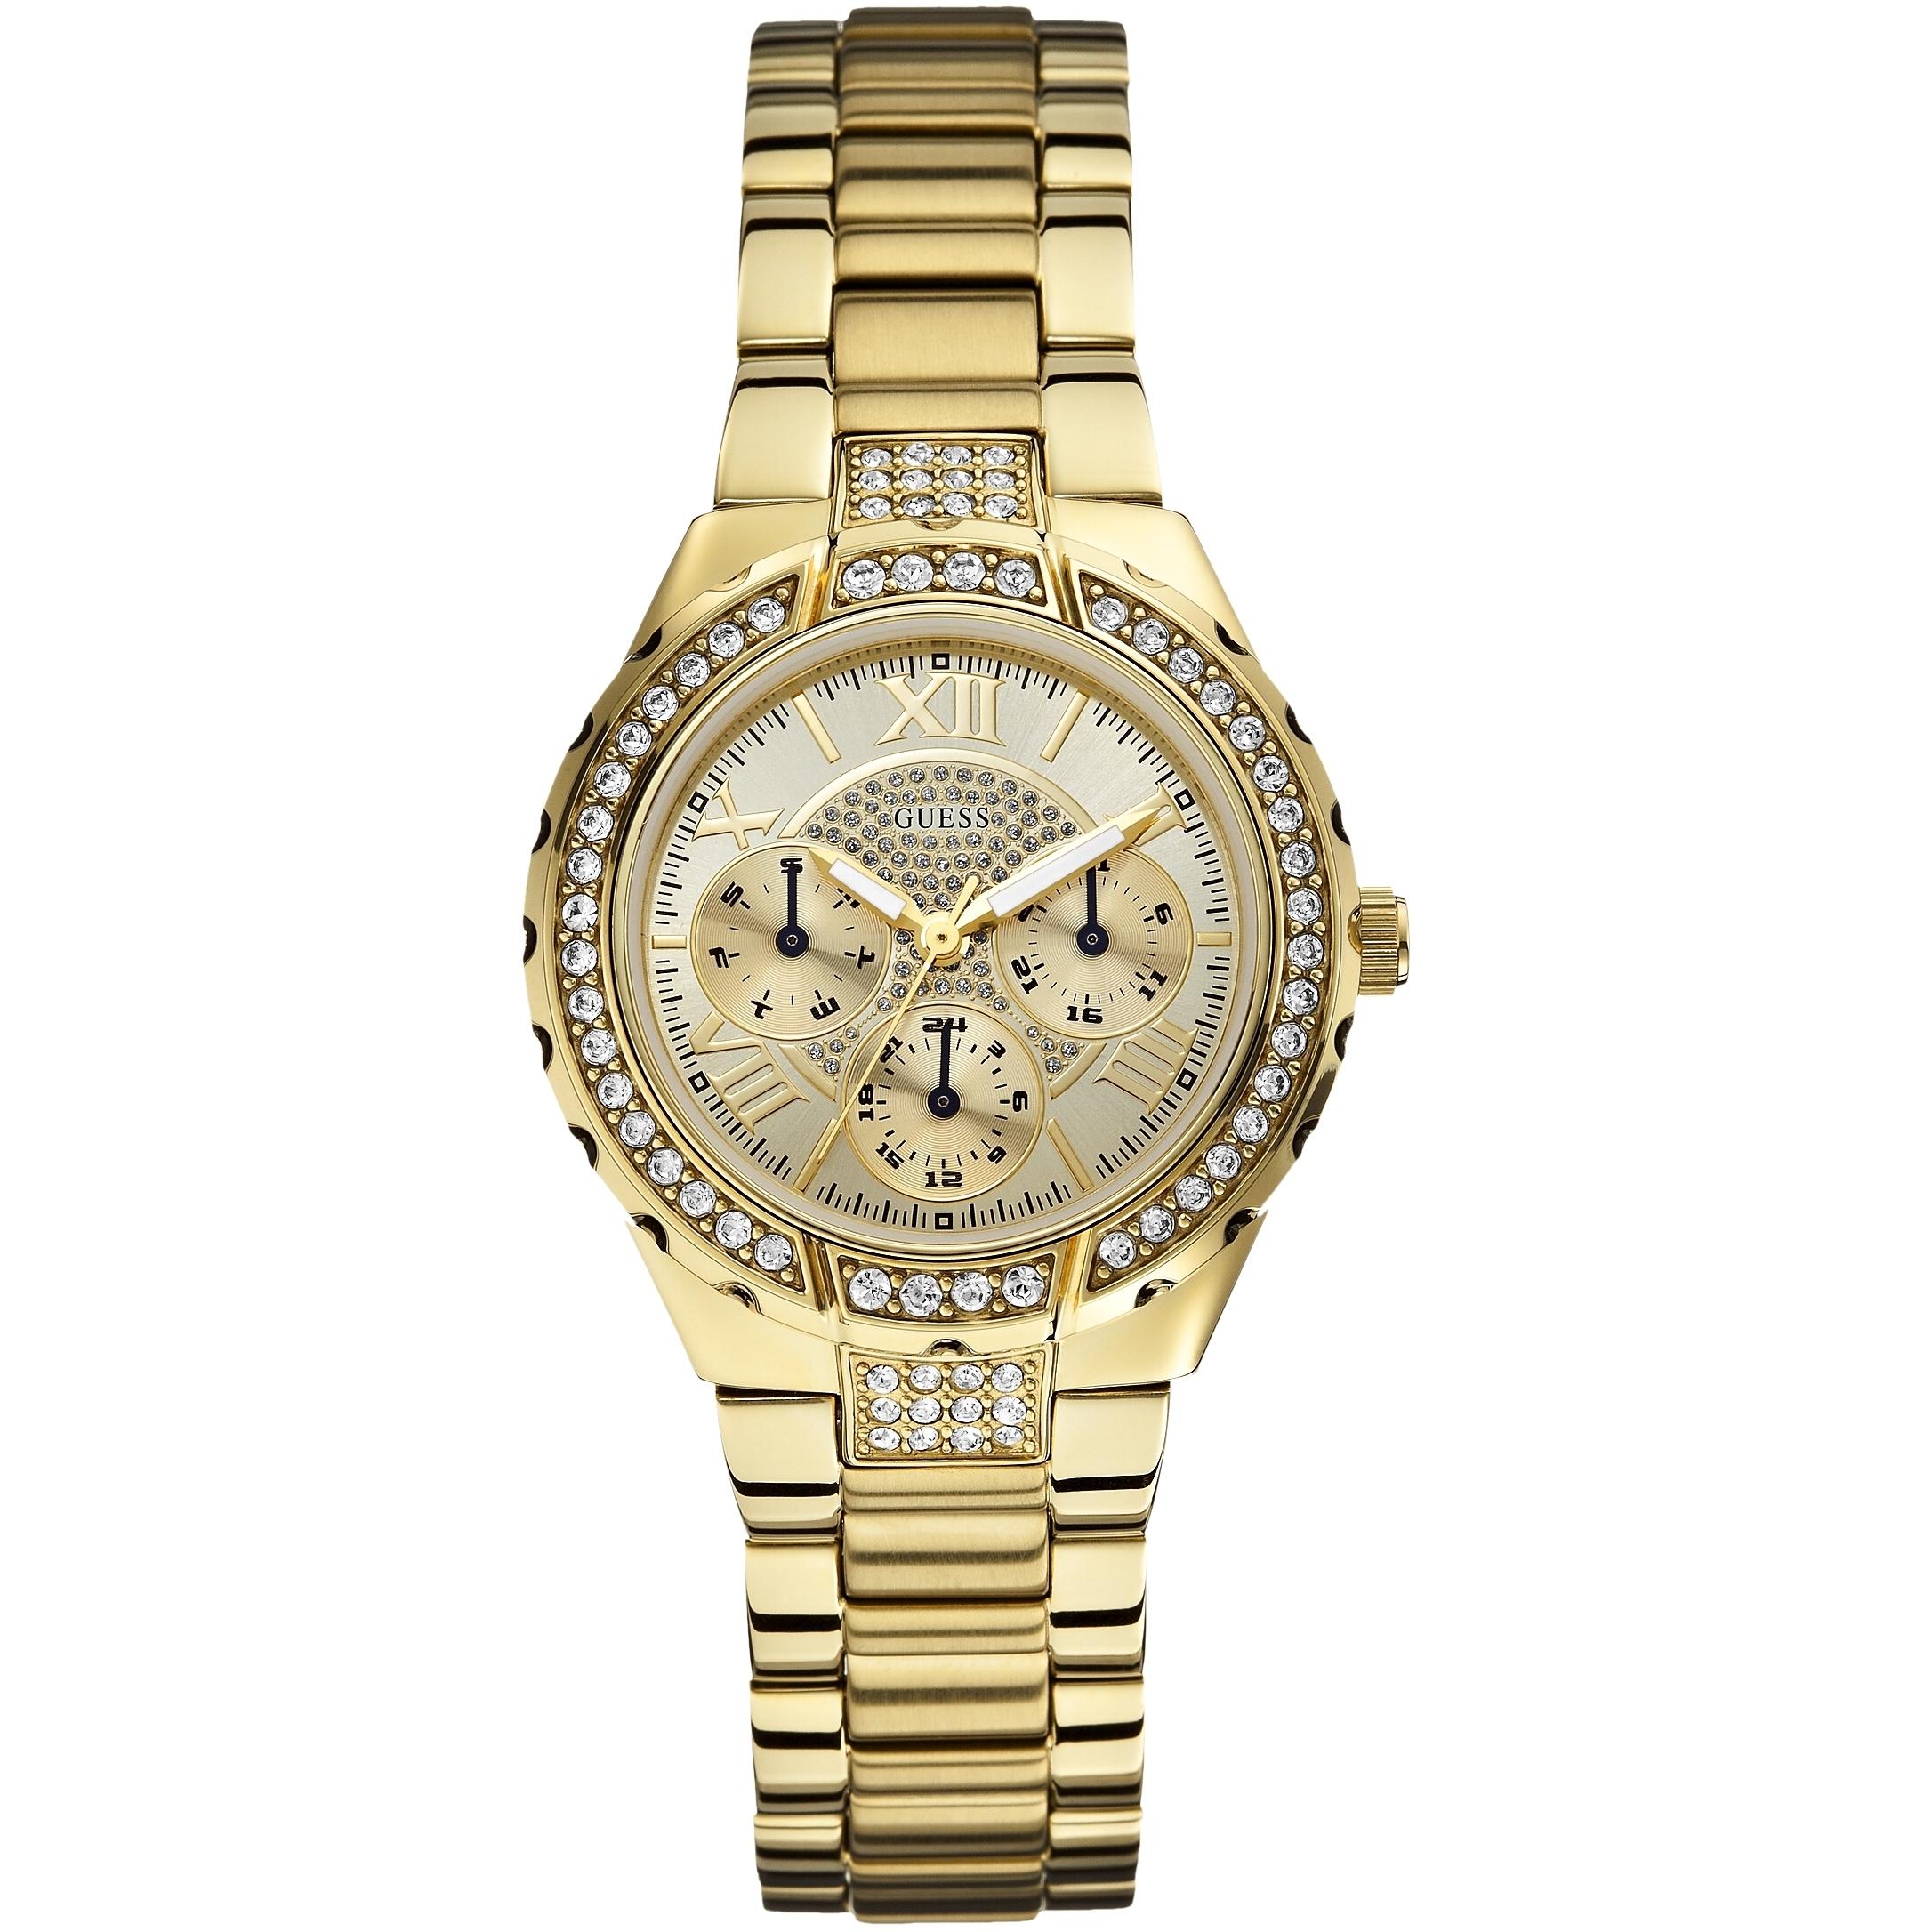 ساعت مچی عقربه ای زنانه گس مدل W0111L2